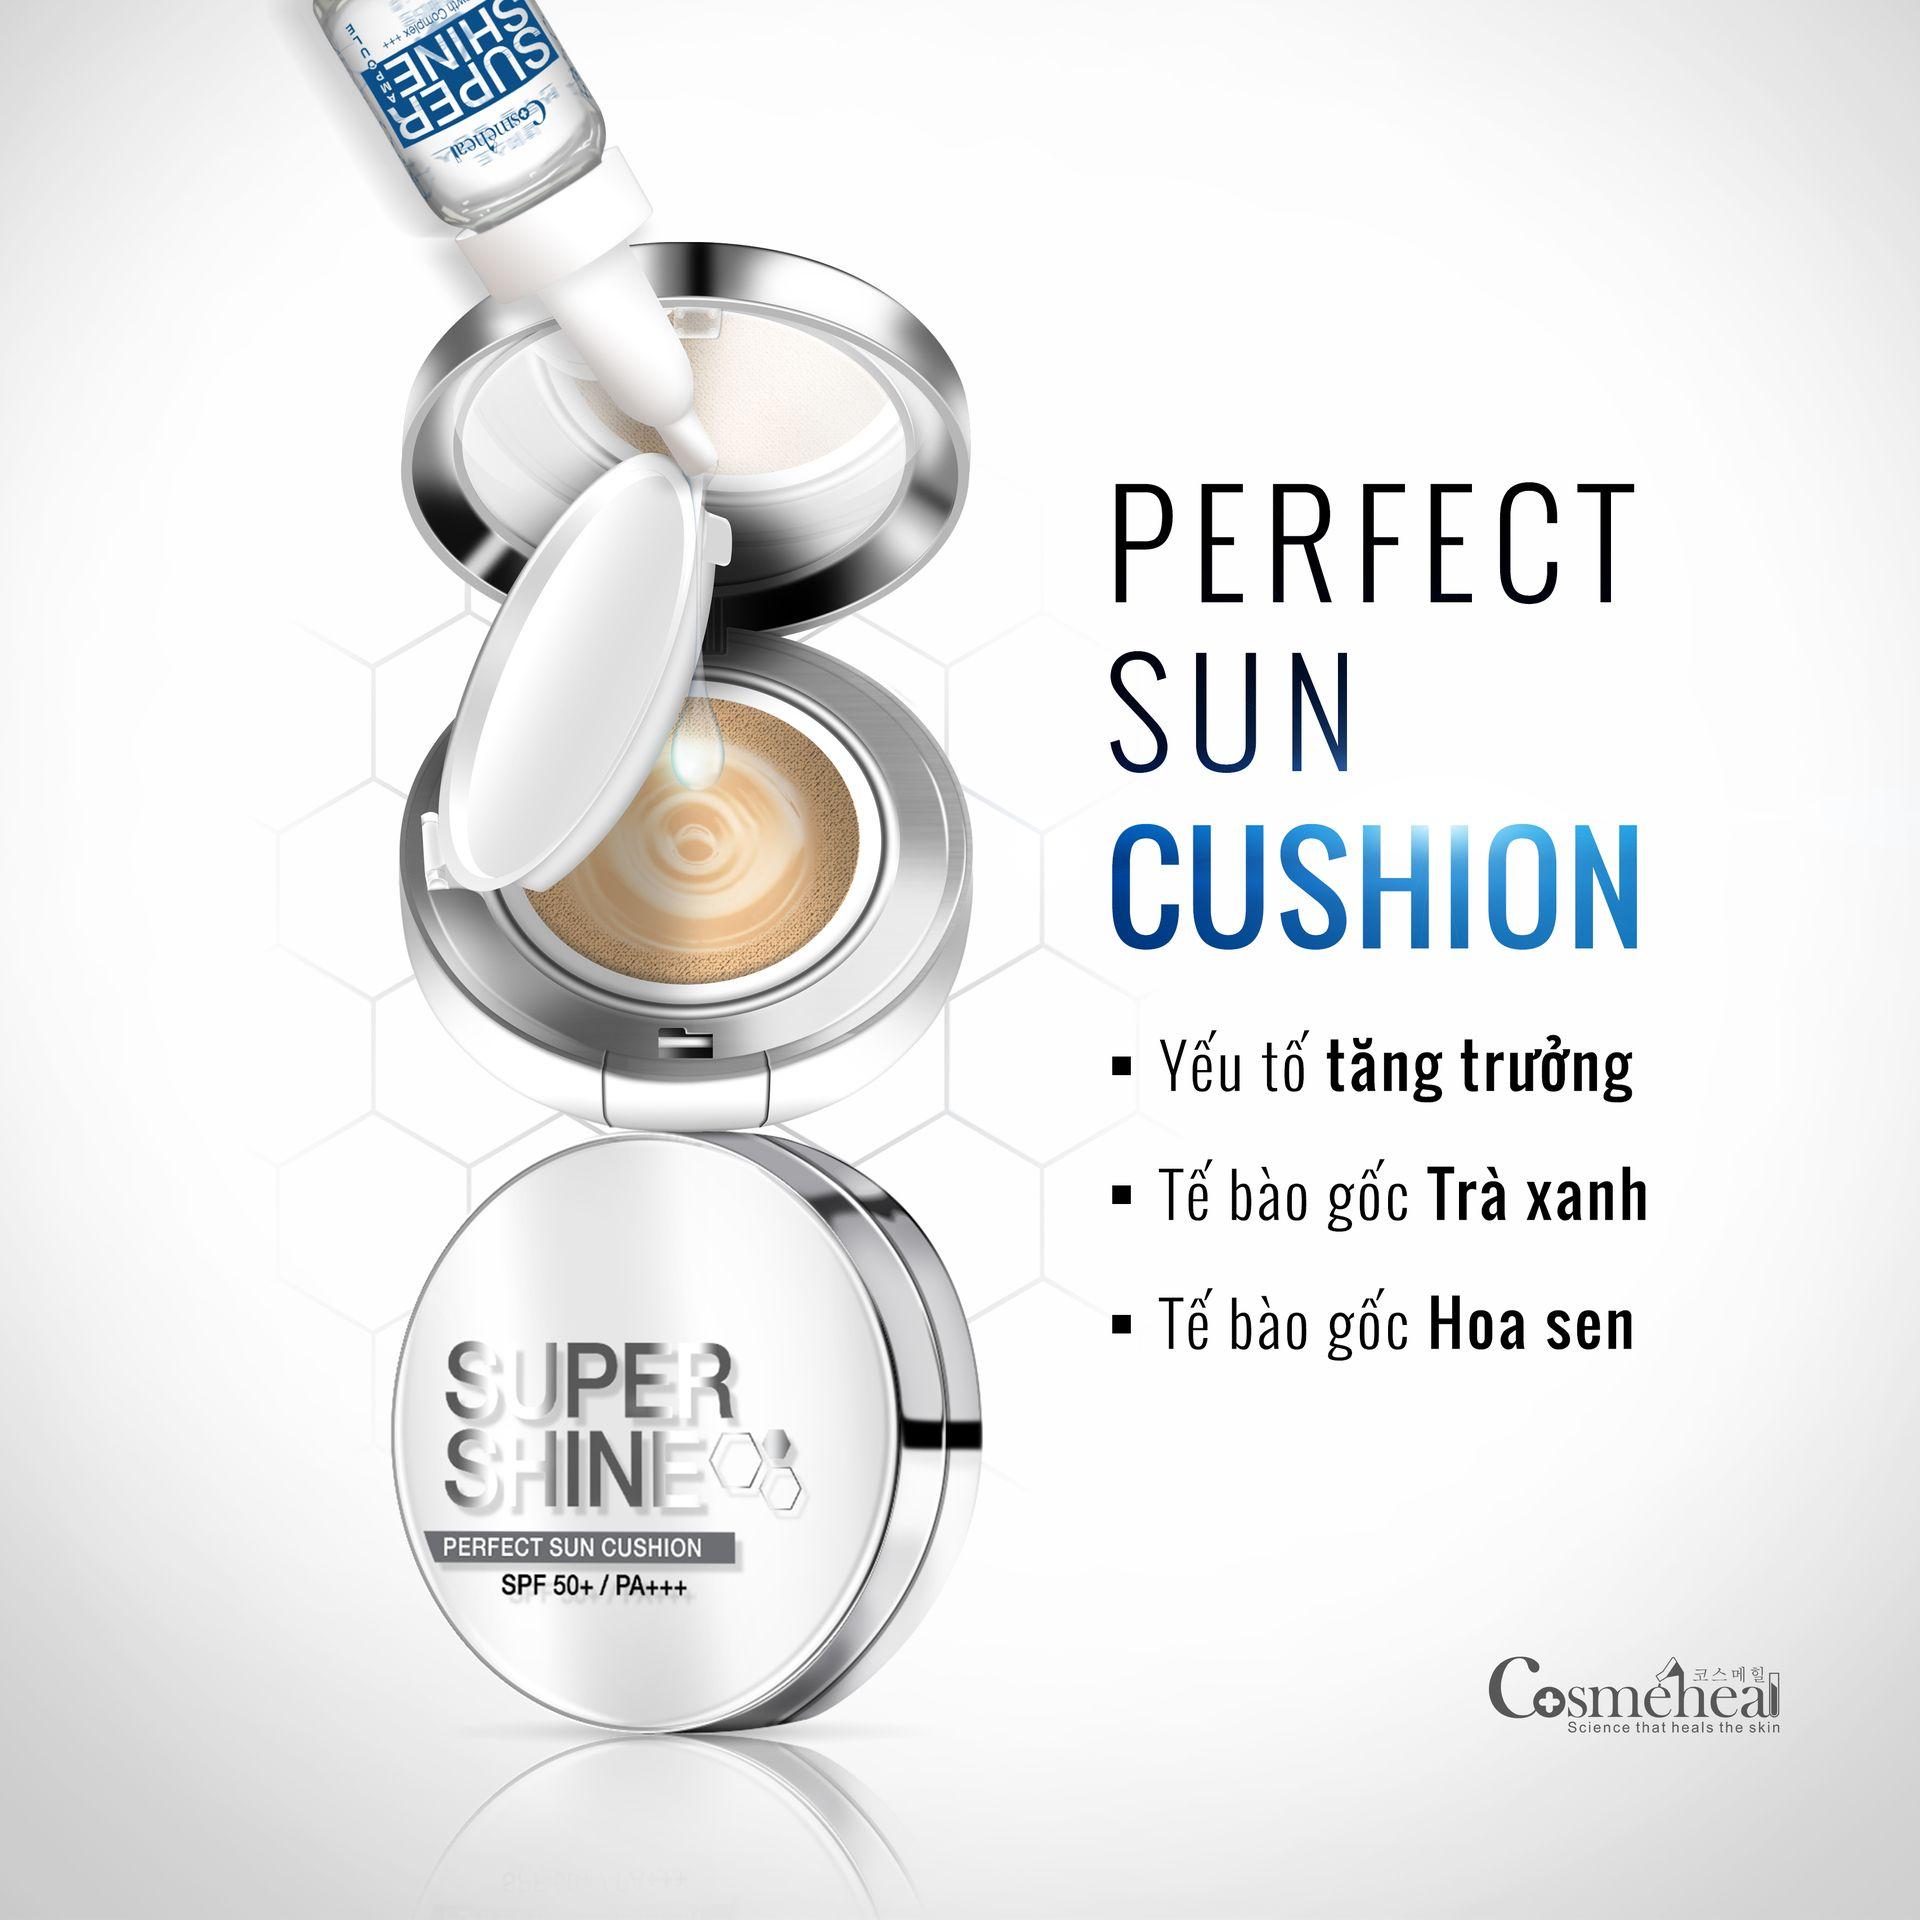 Phấn nước COSMEHEAL SUPER SHINE PERFECT SUN CUSHION